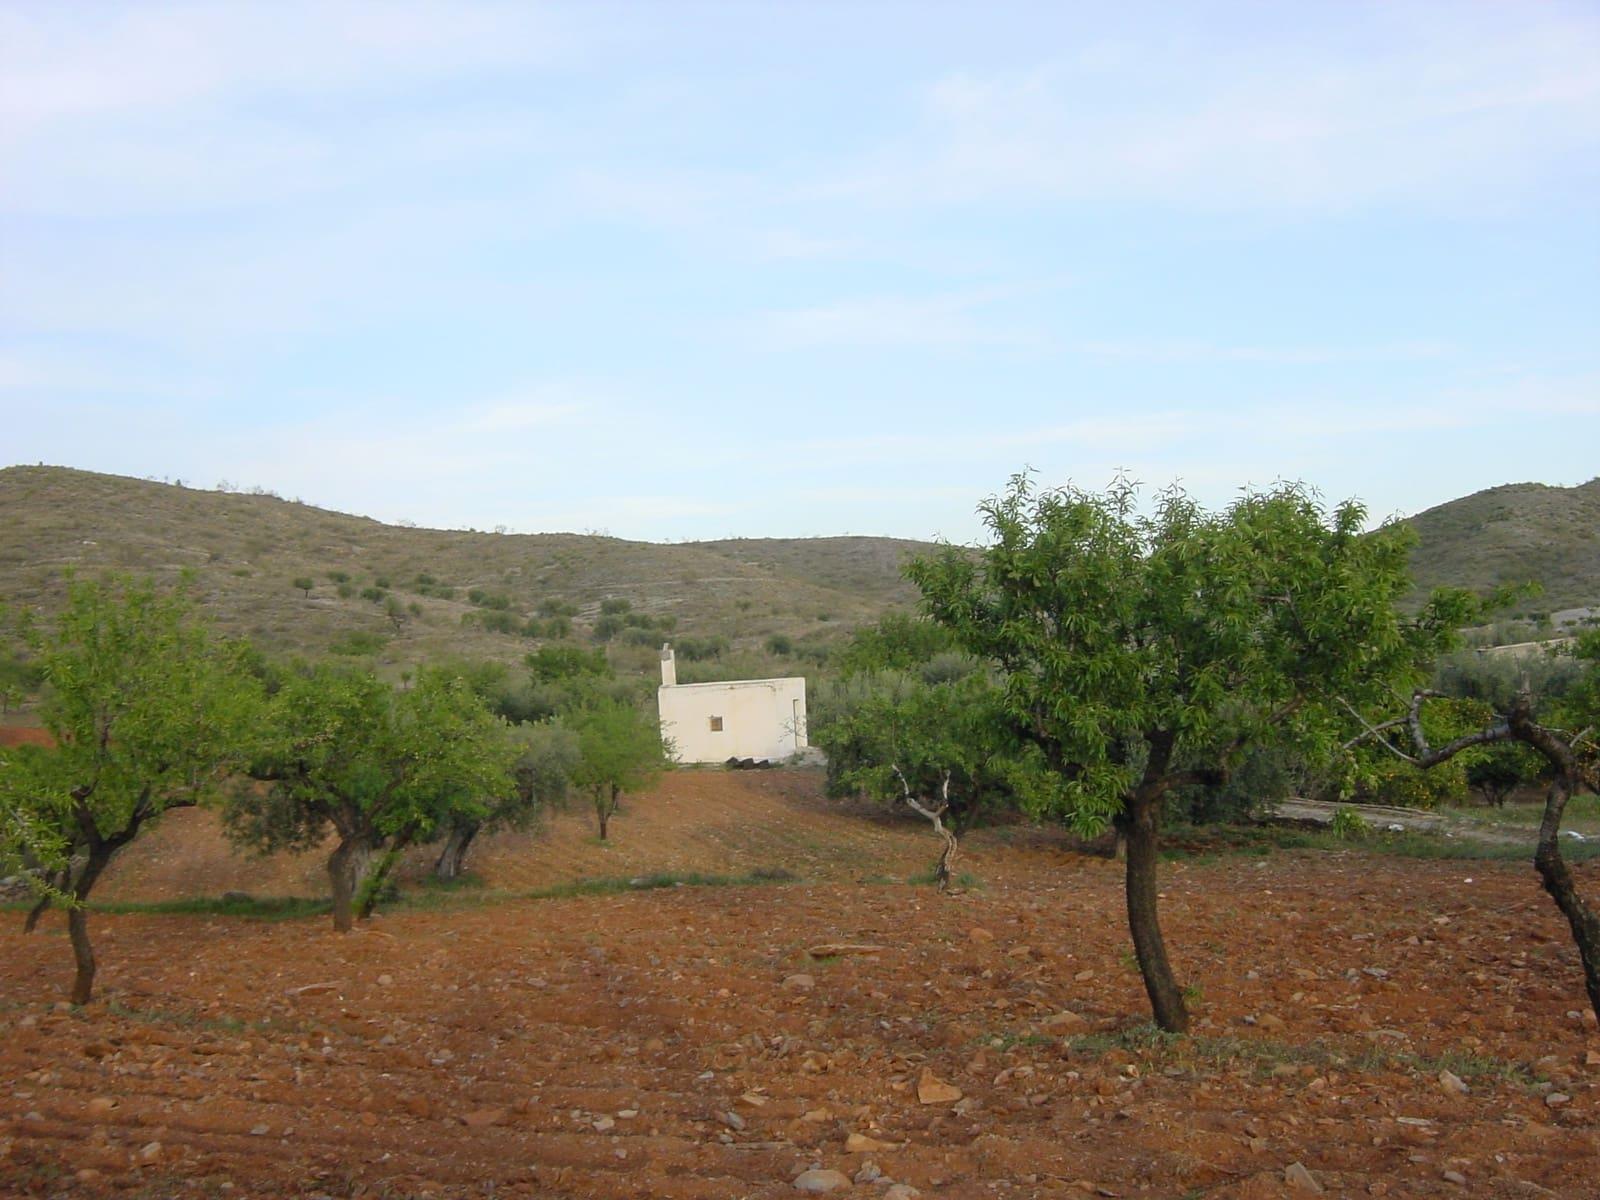 Terreno/Finca Rústica en Uleila del Campo en venta - 26.000 € (Ref: 4450003)